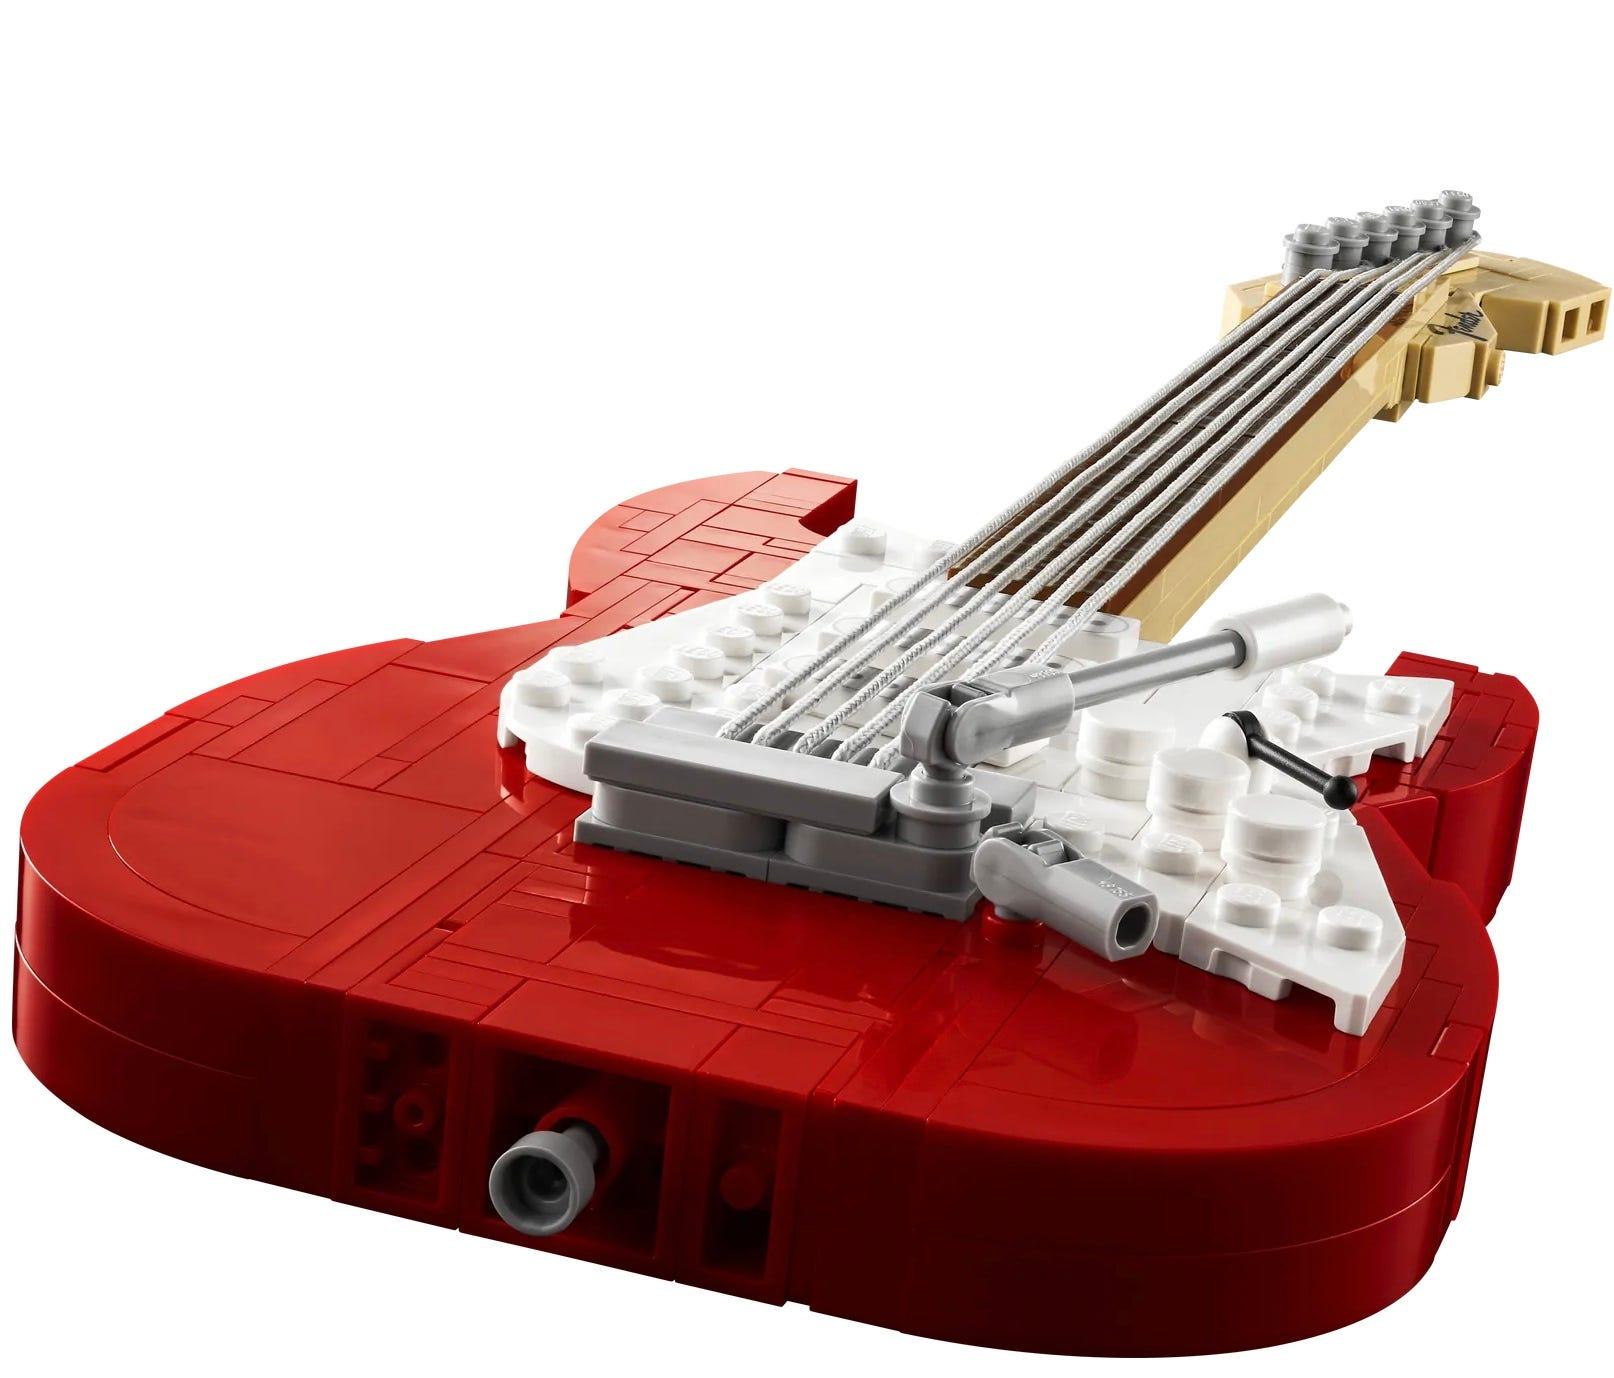 LEGO Ideas Fender Stratocaster Guitar Set